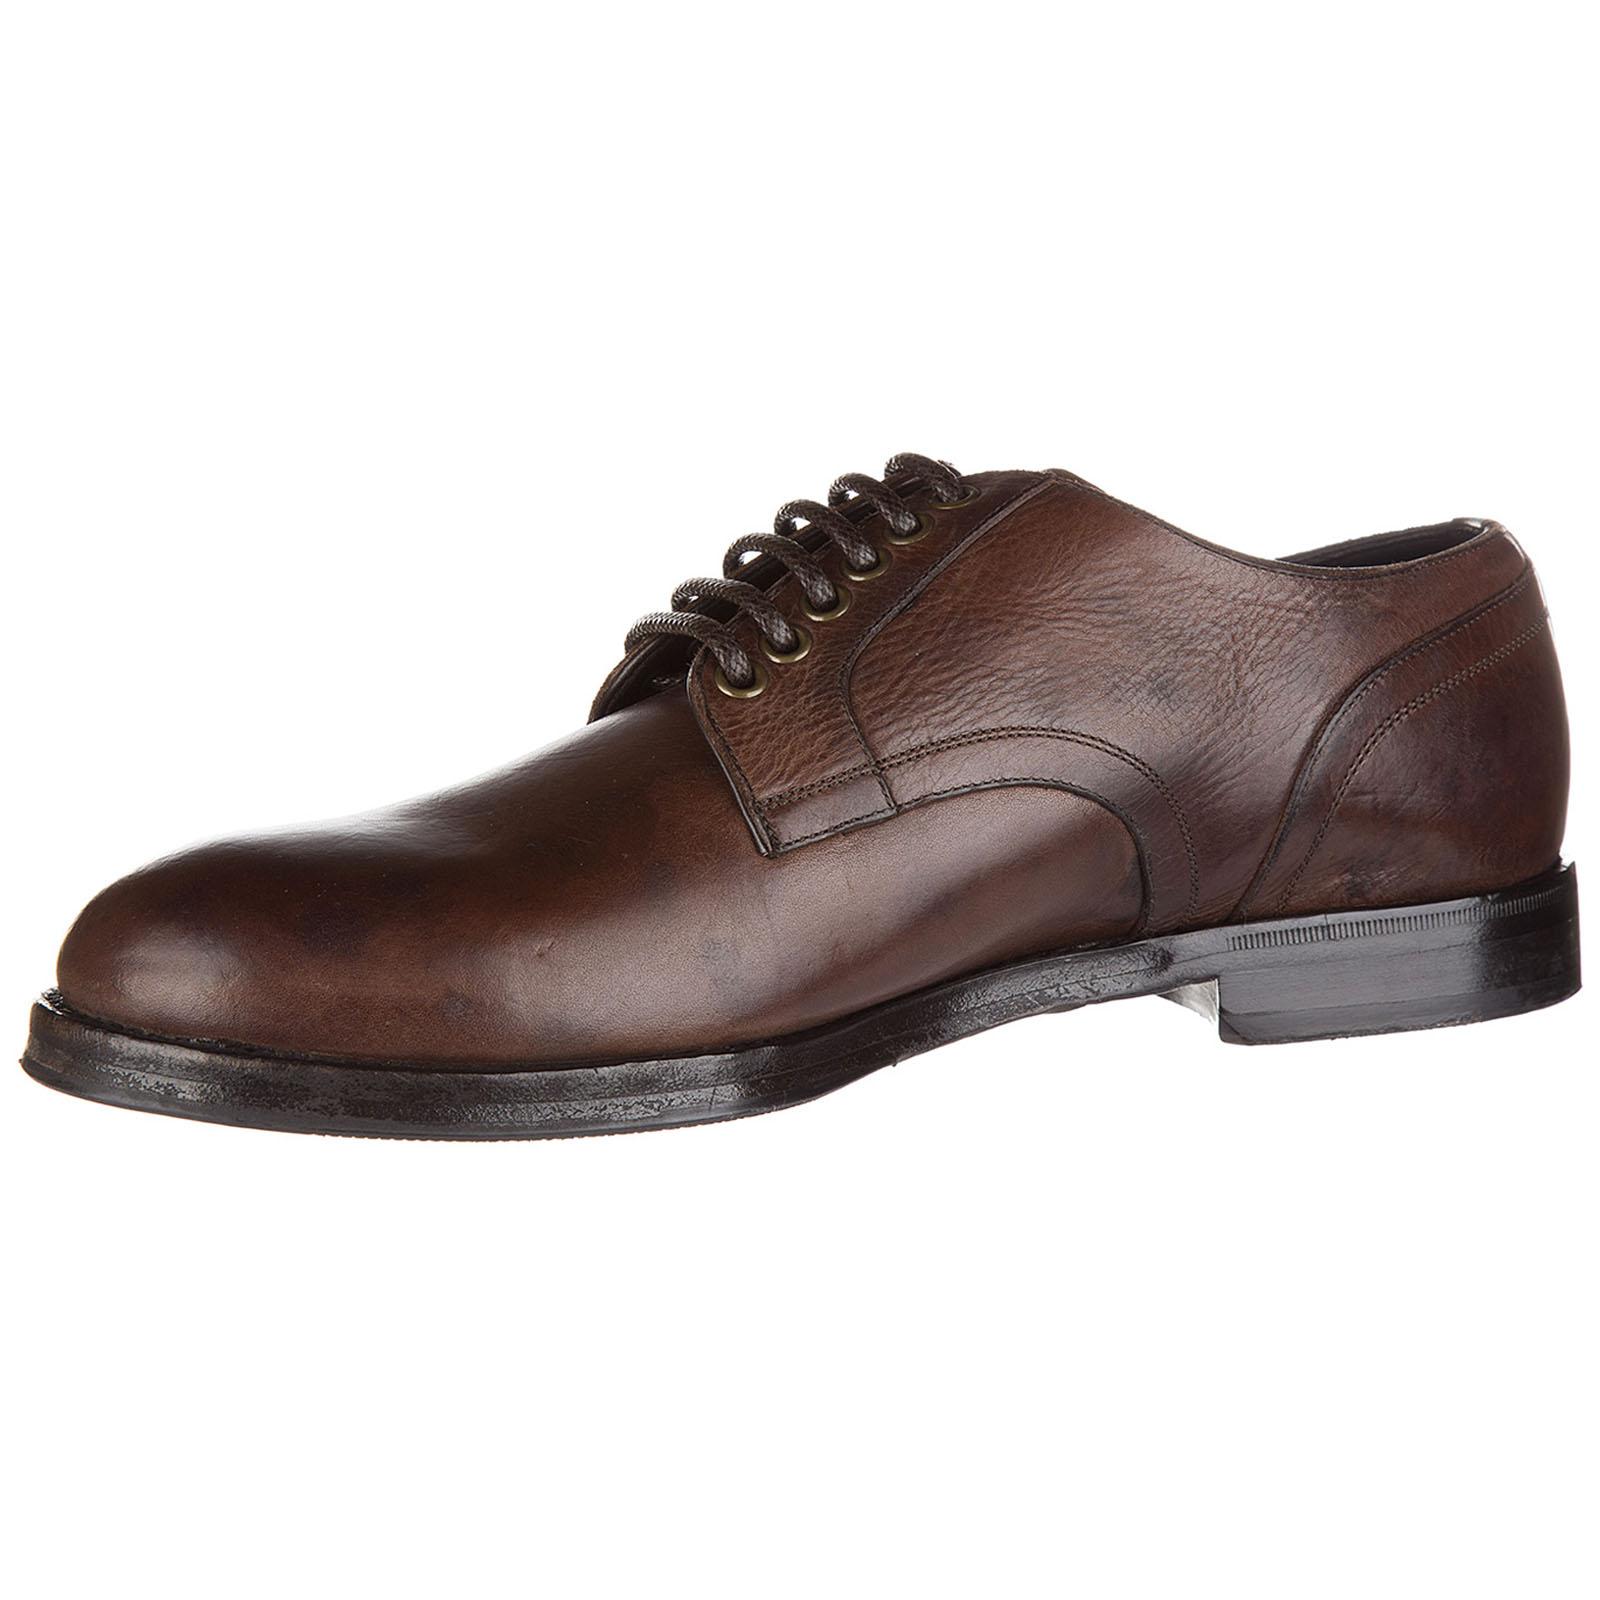 Scarpe stringate classiche uomo in pelle derby giorgione stone wash